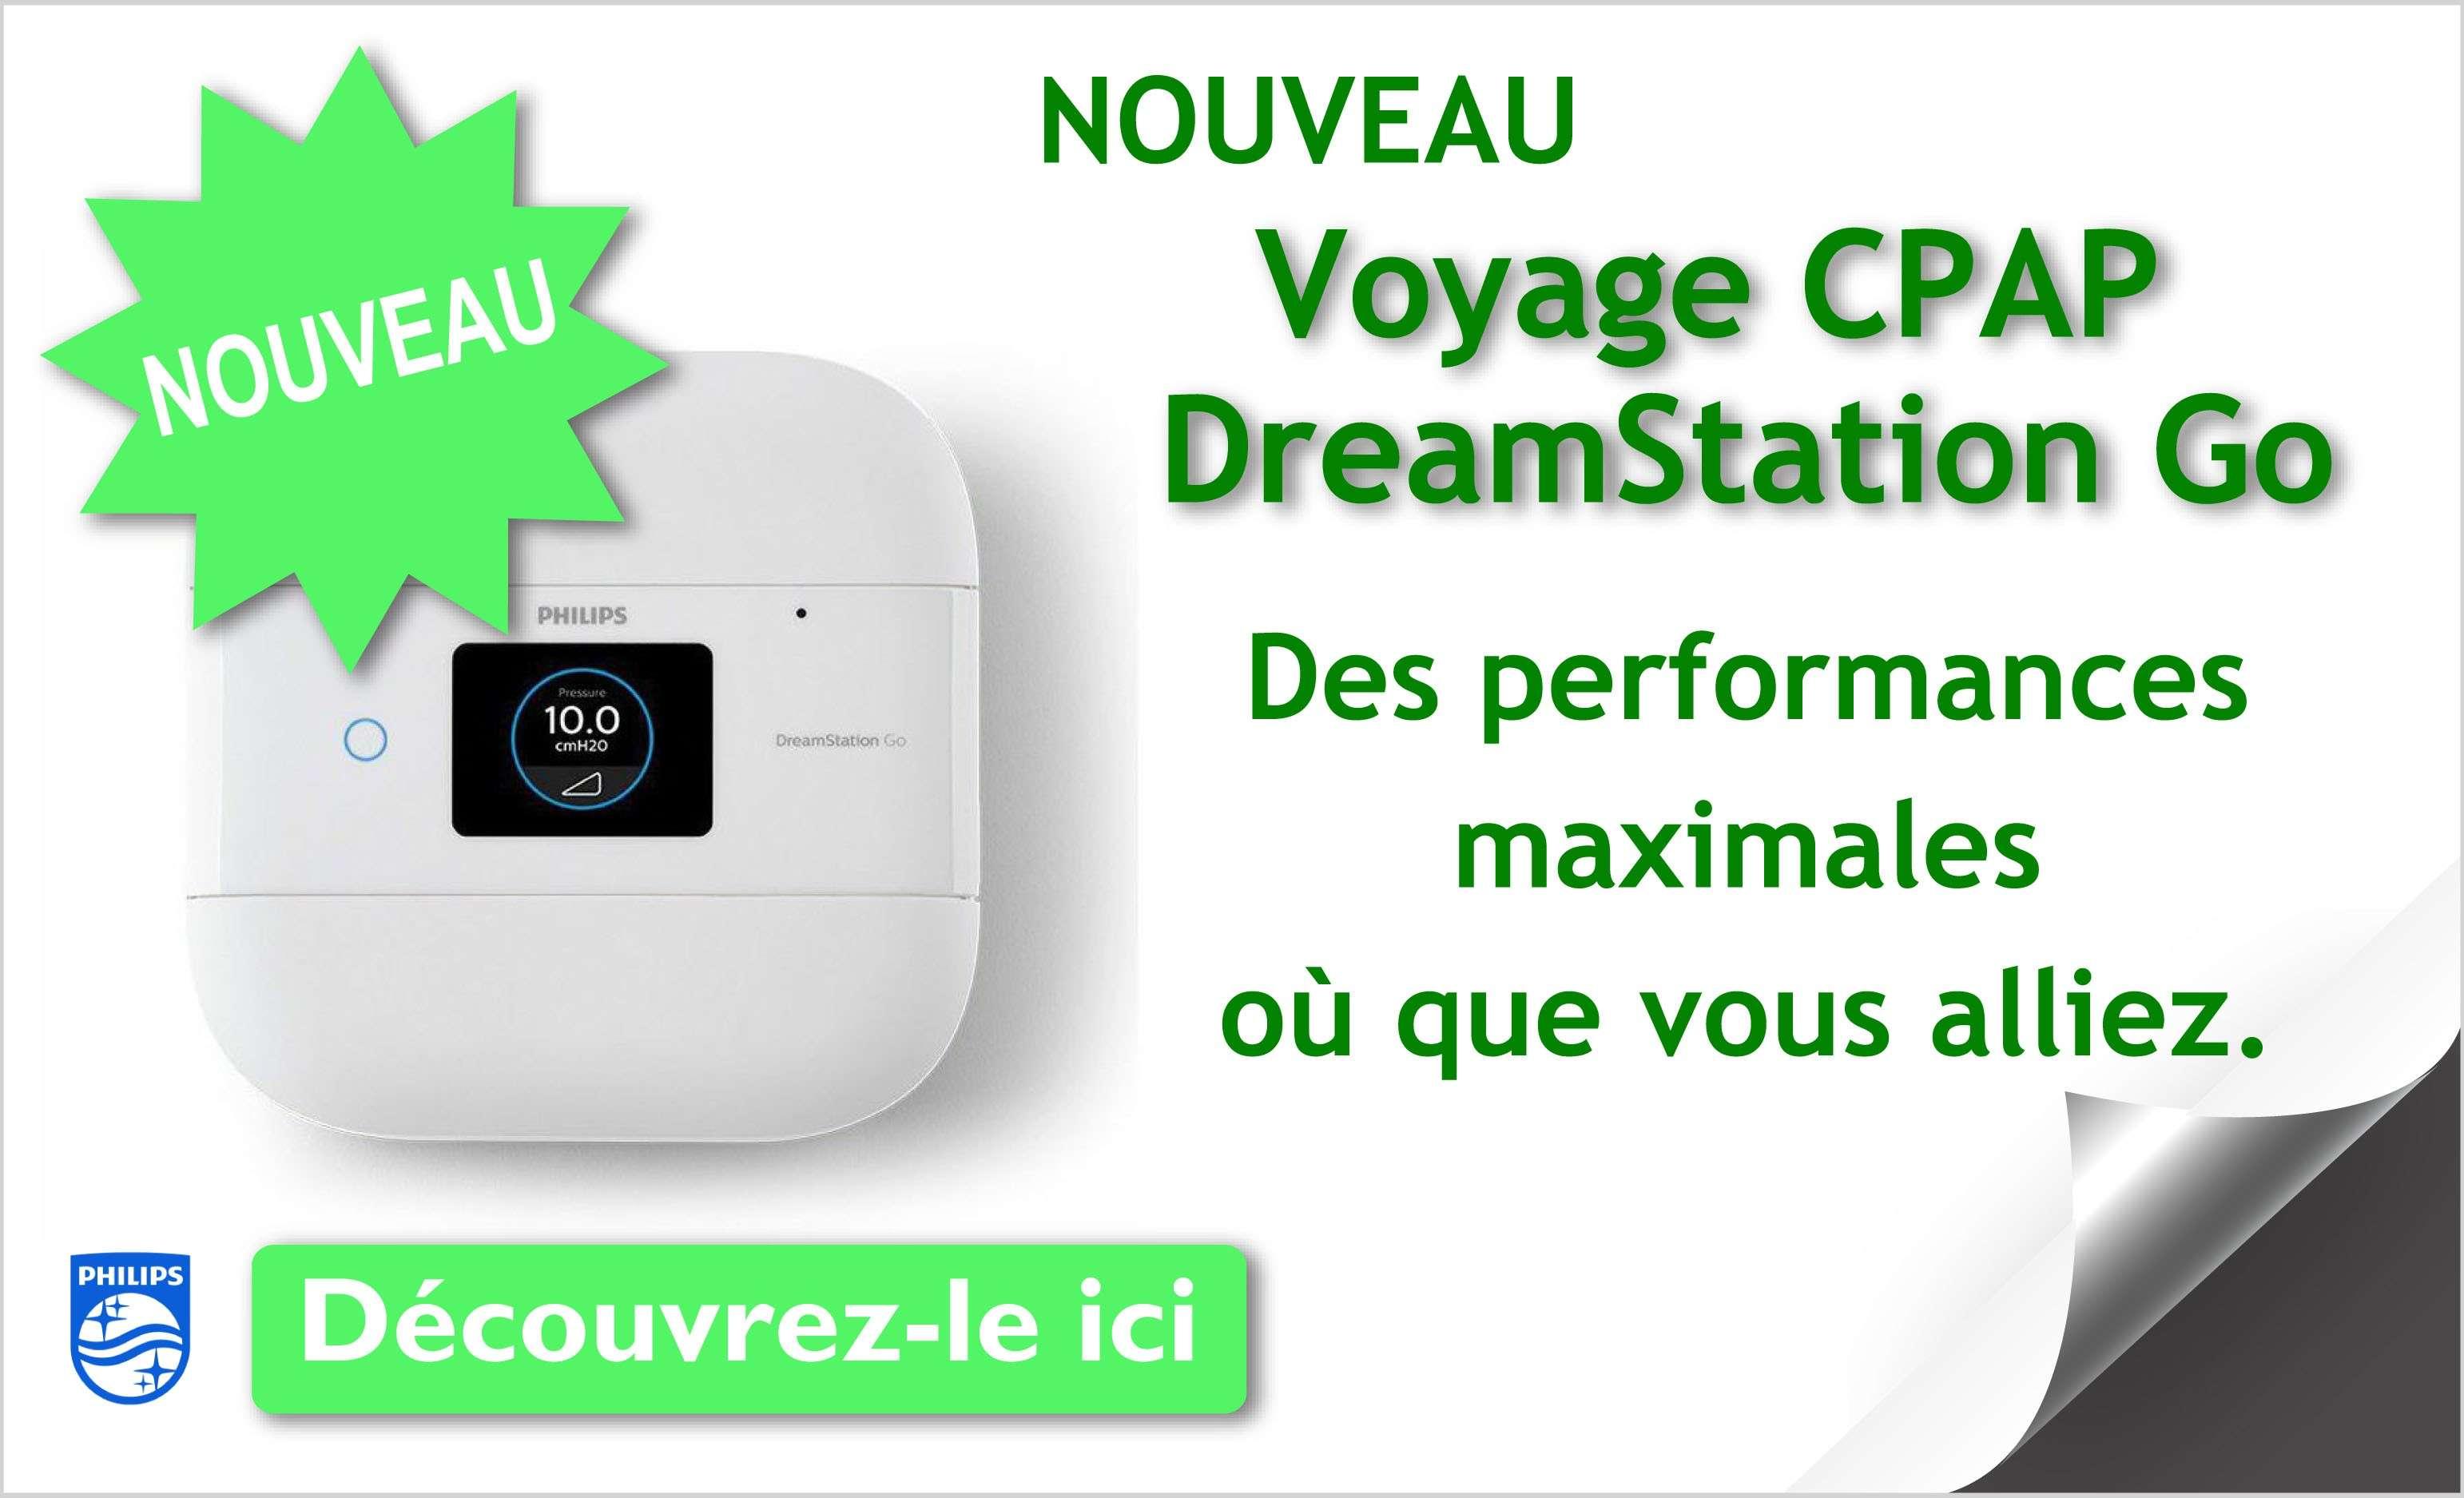 CPAP de Voyage DreamStation Go